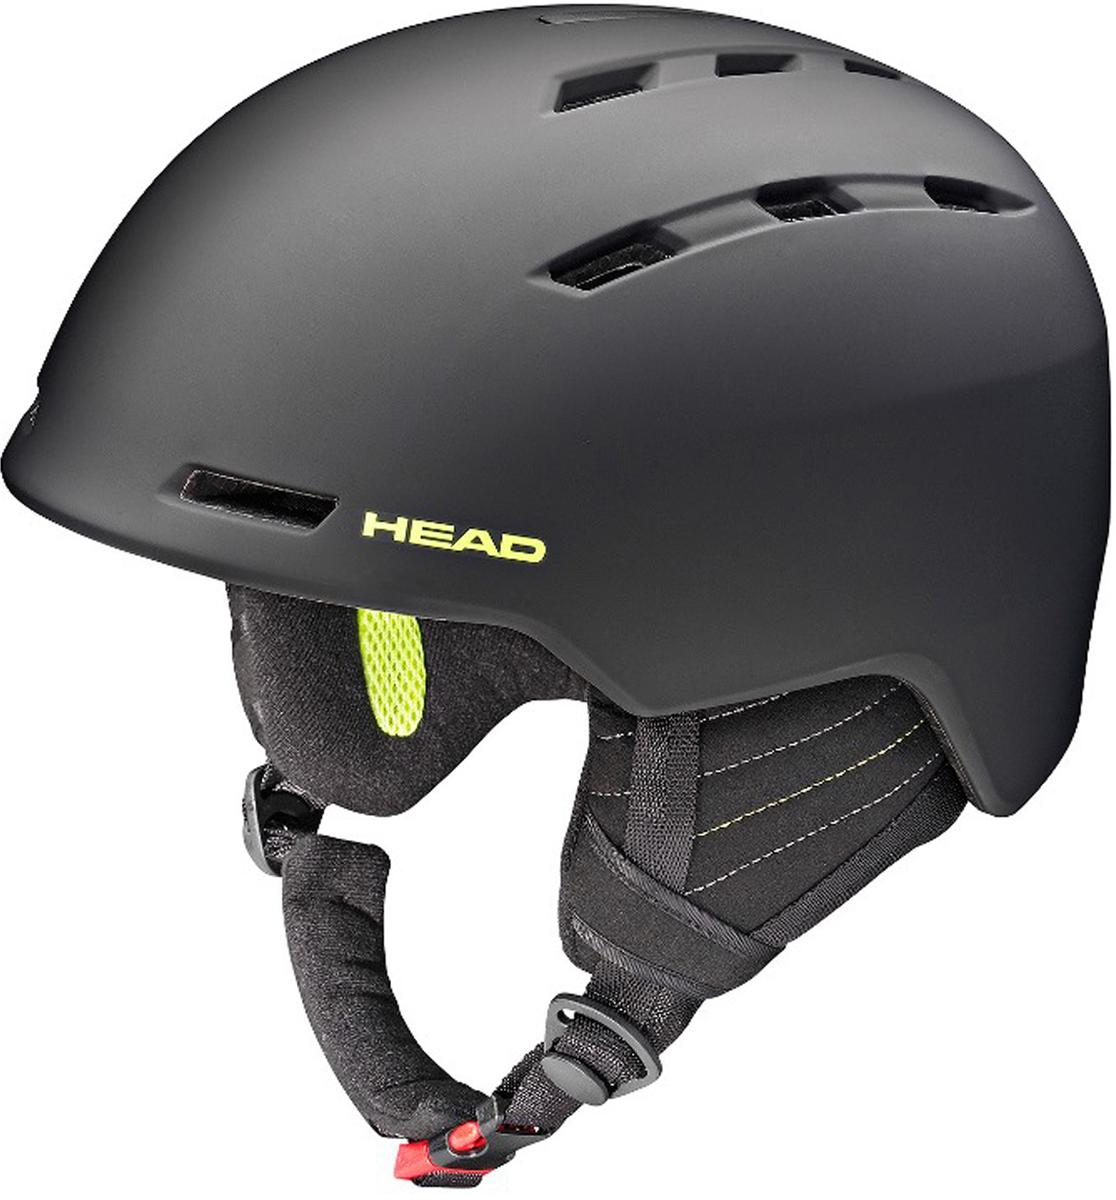 Шлем для горных лыж и сноуборда HEAD Vico. Размер M/L (56-59)324557 (M/L)Бестселлер в коллекции HEAD - шлем для горных лыж и сноуборда Vico. Его отличительная особенность- экстремально малый вес и супер удобная посадка на голове. Построена по ужеизвестной технологии горячей прессовки, имеет отличную вентиляцию попериметру и вентиляцию маски.Особенности:- Облегченный ABS,- Вентиляция Thermal,- Вентиляция маски,- Подкладка из микрофлиса,- Регулировка размера HEAD 3D Fit,- Эргономический воротник с регулировкой положения на шлеме,- Сертификат CE EN 1077:2007 Class B,- Вес: m/l 420 г.Что взять с собой на горнолыжную прогулку: рассказывают эксперты. Статья OZON Гид